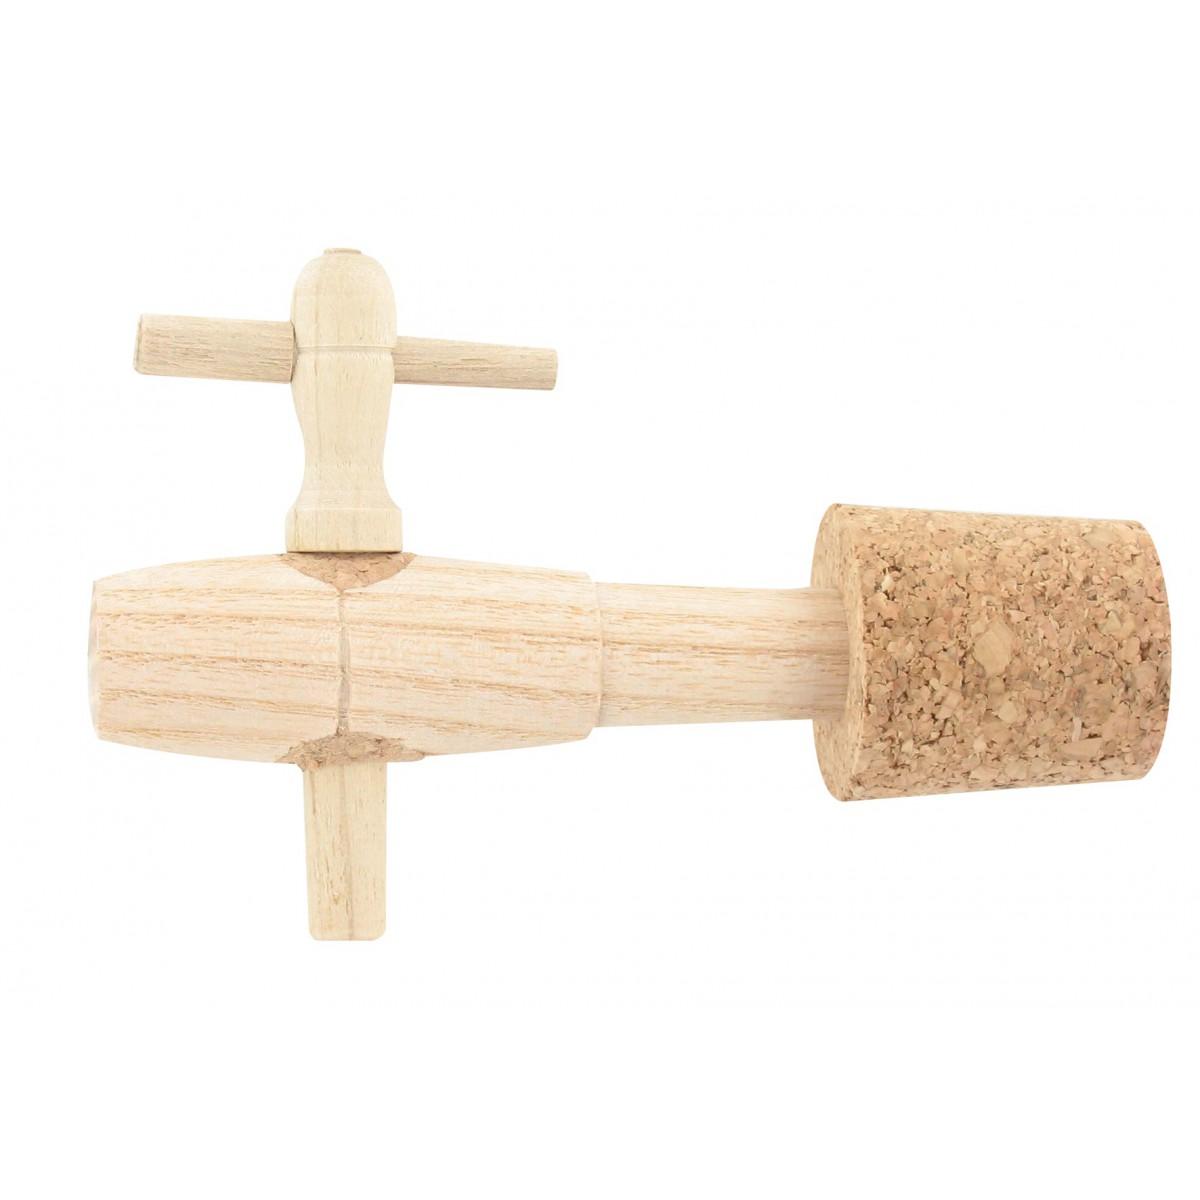 Robinet bois acacia pour vinaigrier Duhallé - 4 pouces